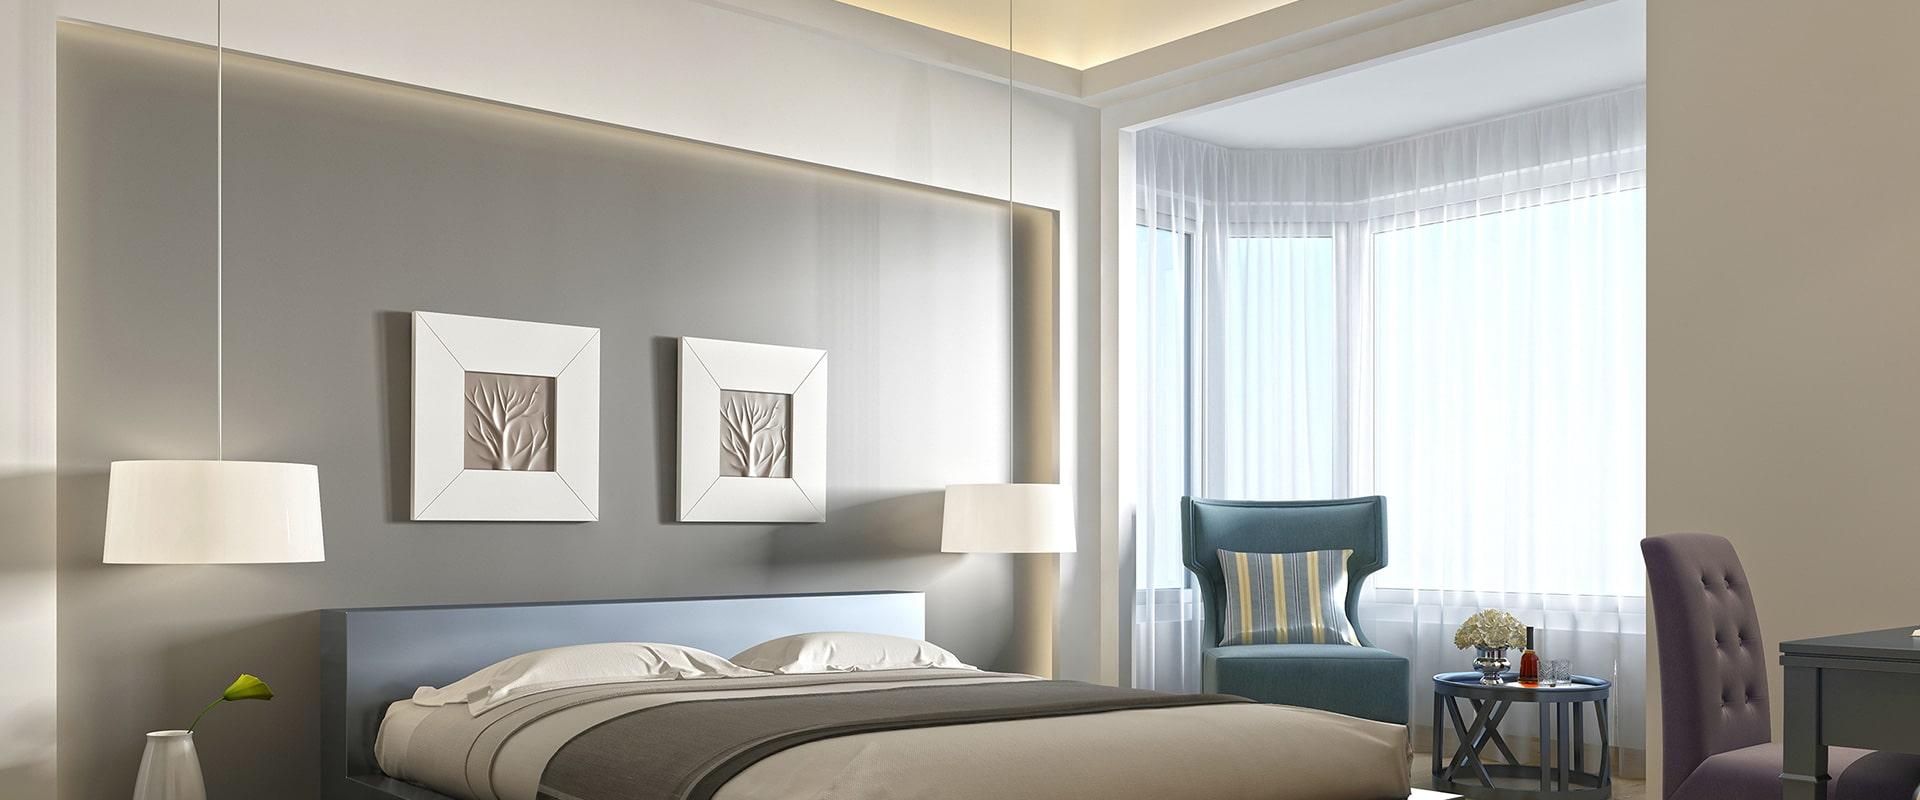 Iluminação em quarto